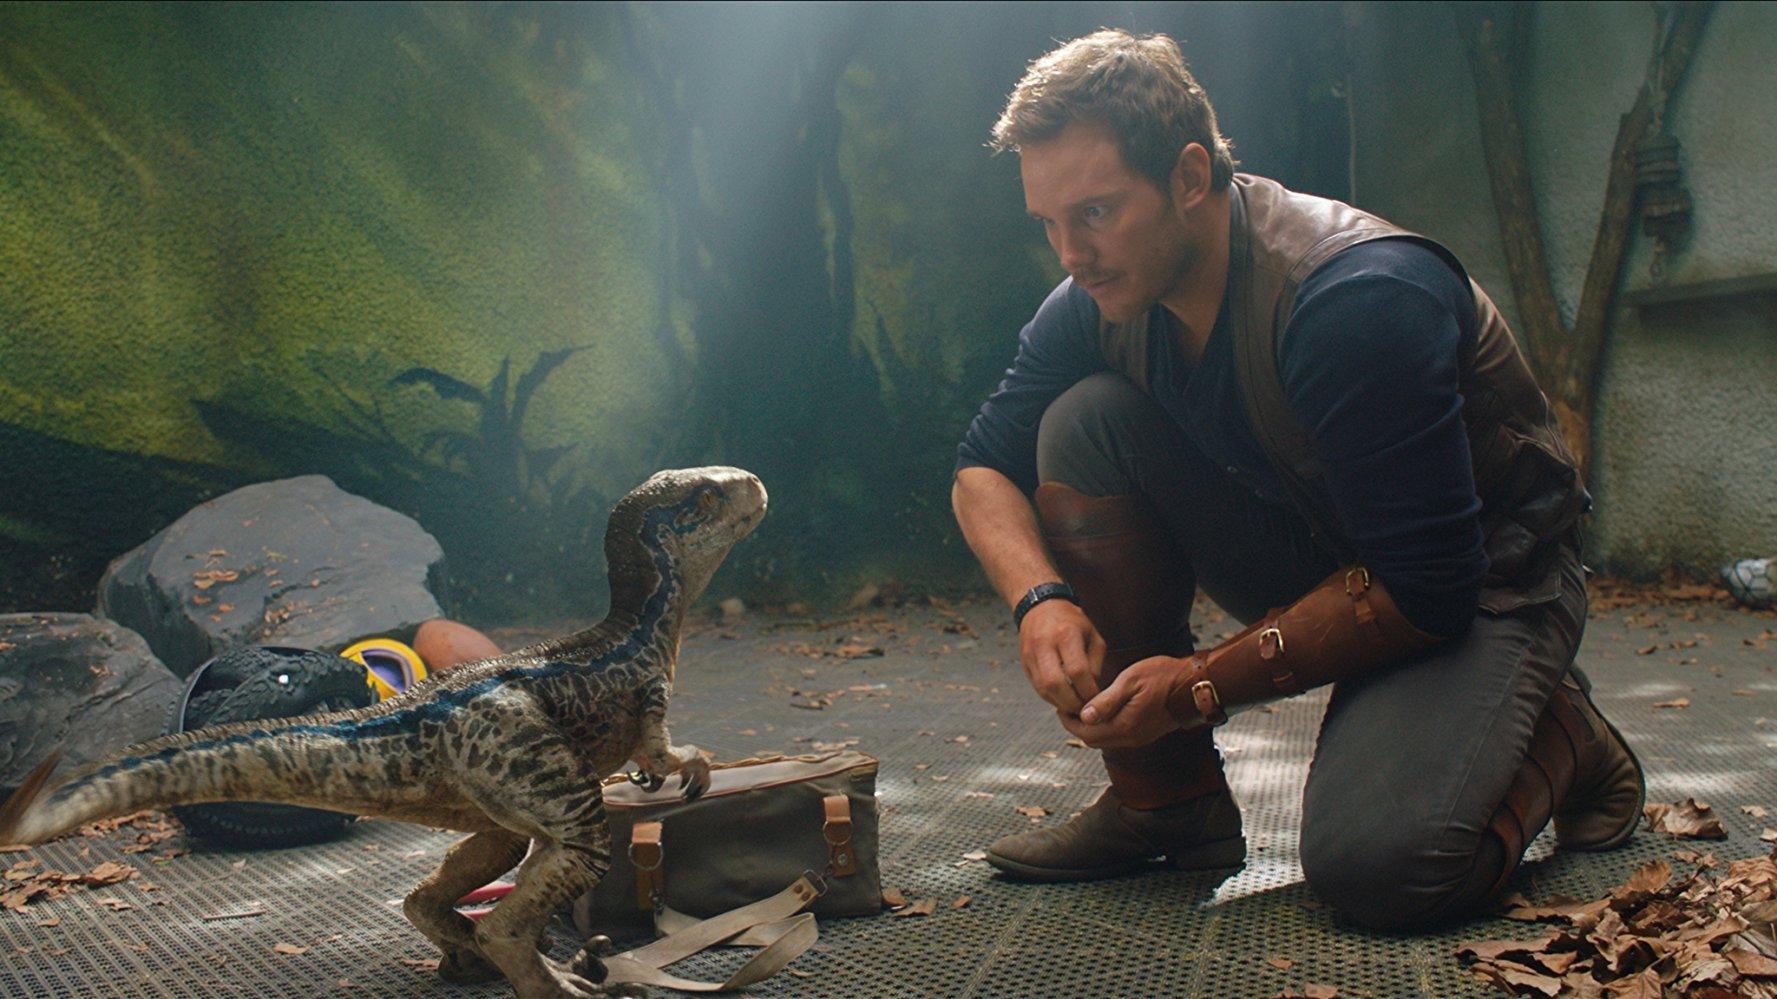 دانلود دوبله فارسی فیلم Jurassic World: Fallen Kingdom 2018